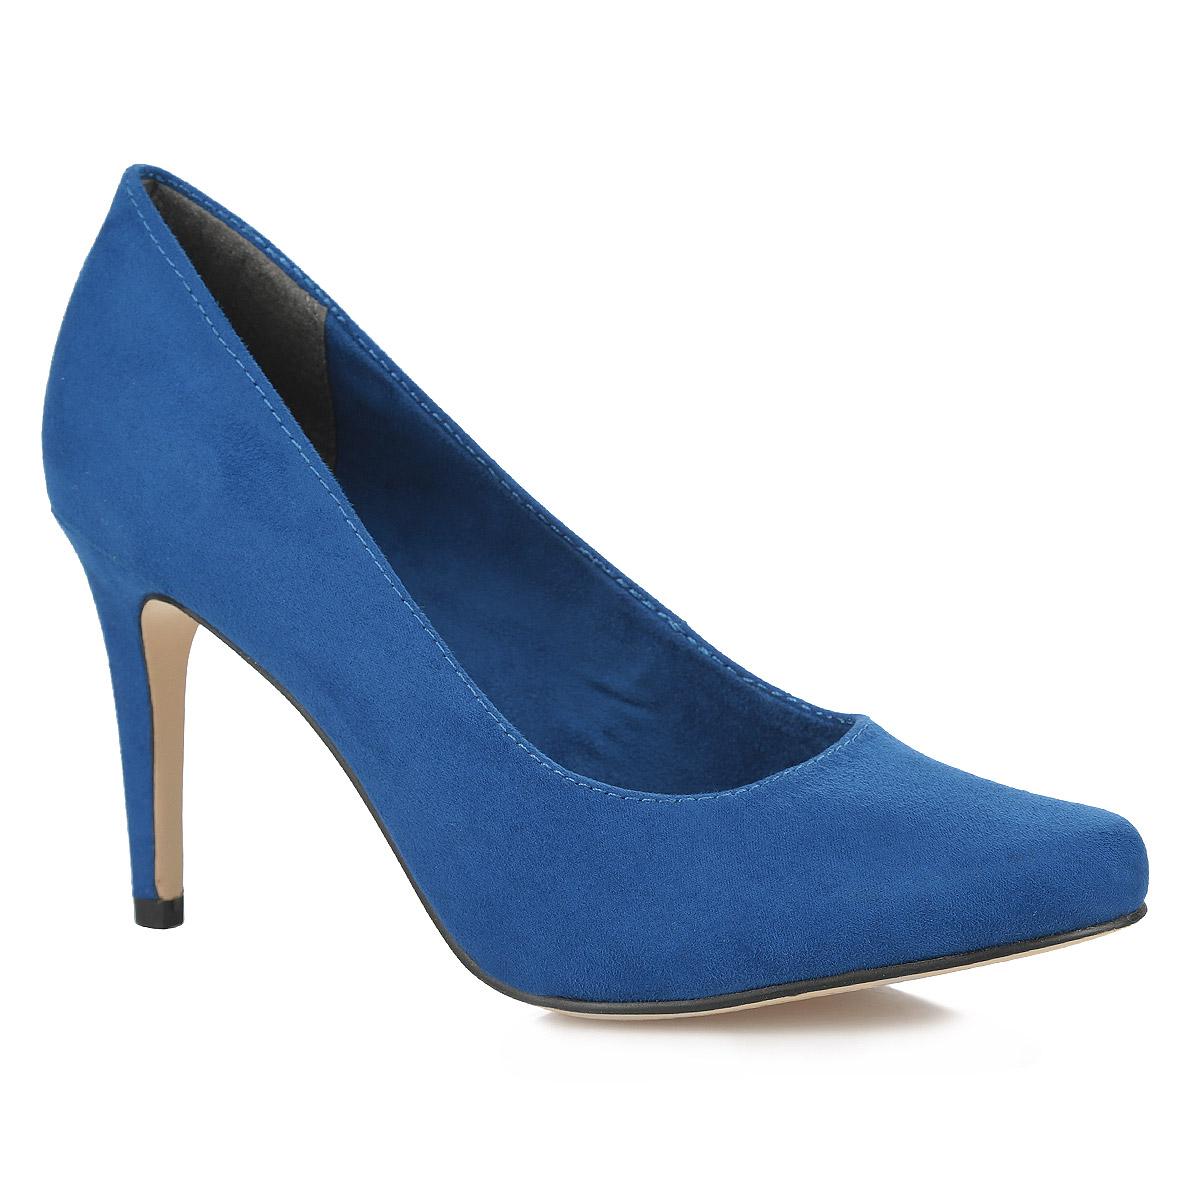 Туфли женские. 1-1-22411-25-8381-22411-25-562Элегантные женские туфли от Tamaris займут достойное место в вашем гардеробе. Модель выполнена из качественного текстиля и исполнена в лаконичном стиле. Слегка зауженный носок добавит женственности в образ. Стелька из натуральной кожи позволит ногам дышать. Высокий каблук устойчив. Изысканные туфли добавят шика в модный образ и подчеркнут ваш безупречный вкус.